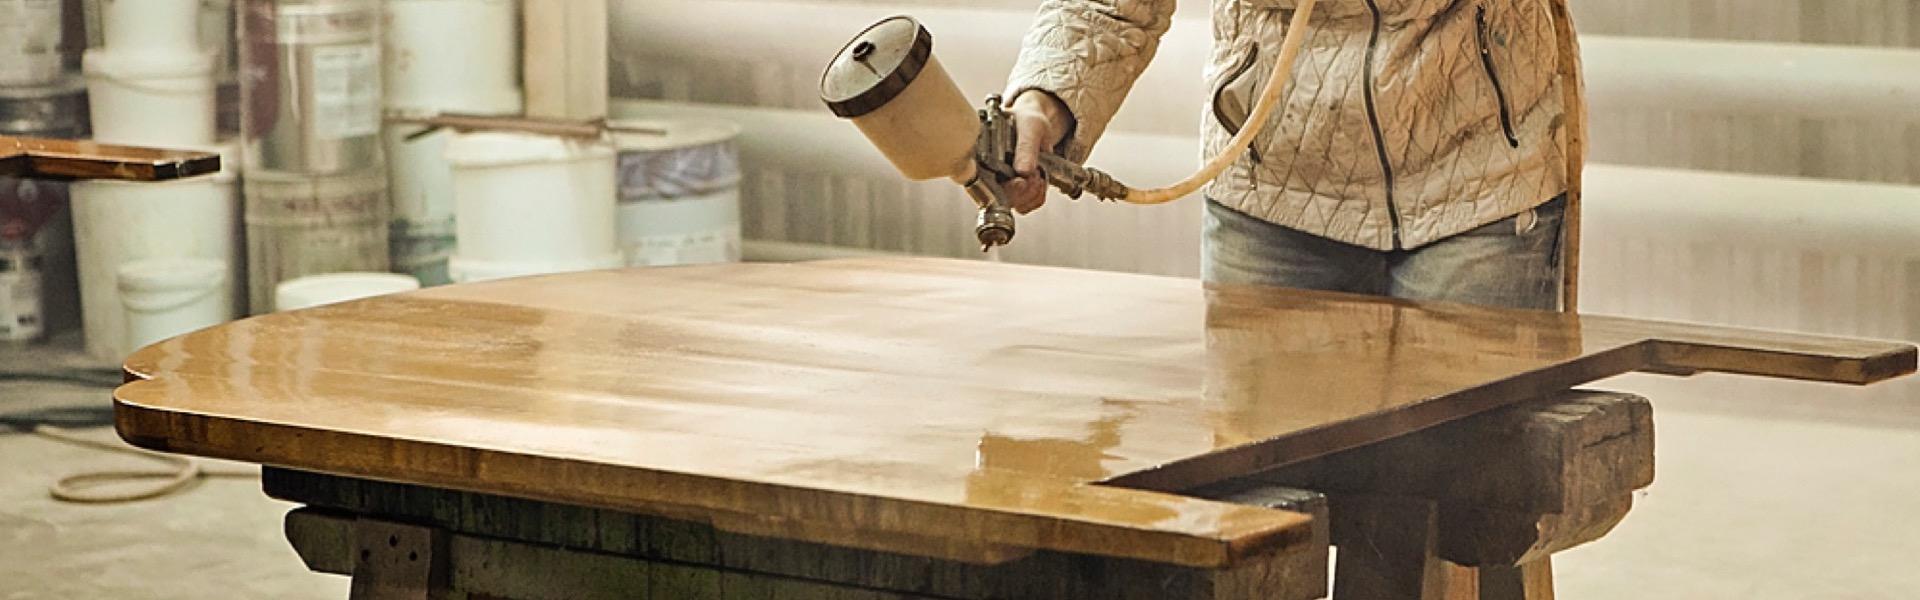 Как отреставрировать старый стол своими руками?